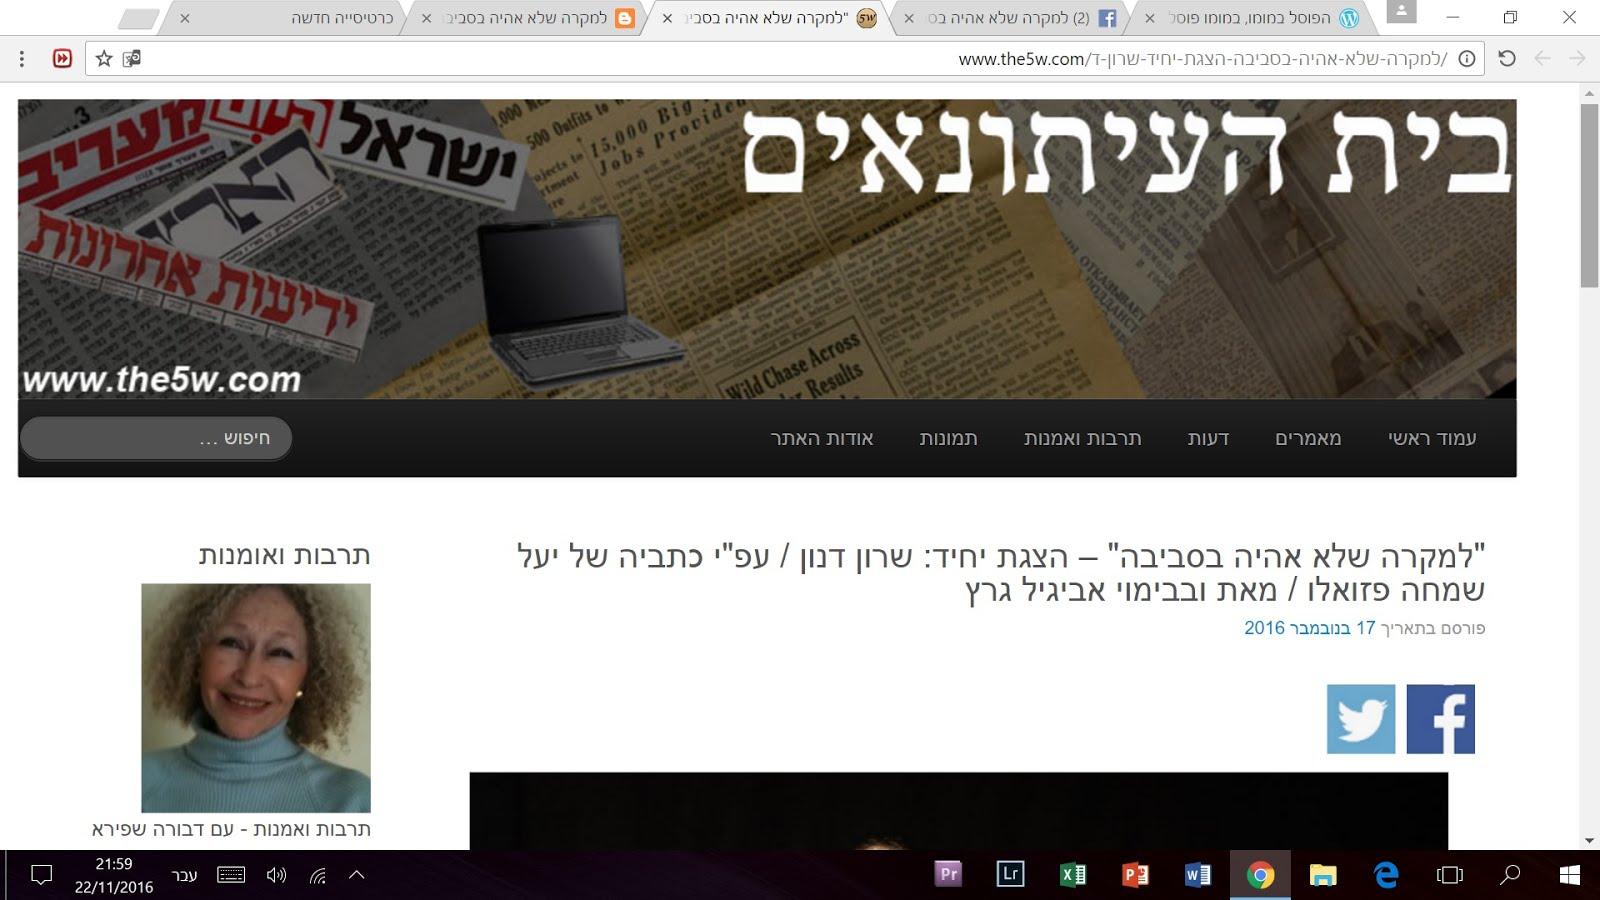 ביקורת מאת דבורה שפירא נמיר בית העיתונאים